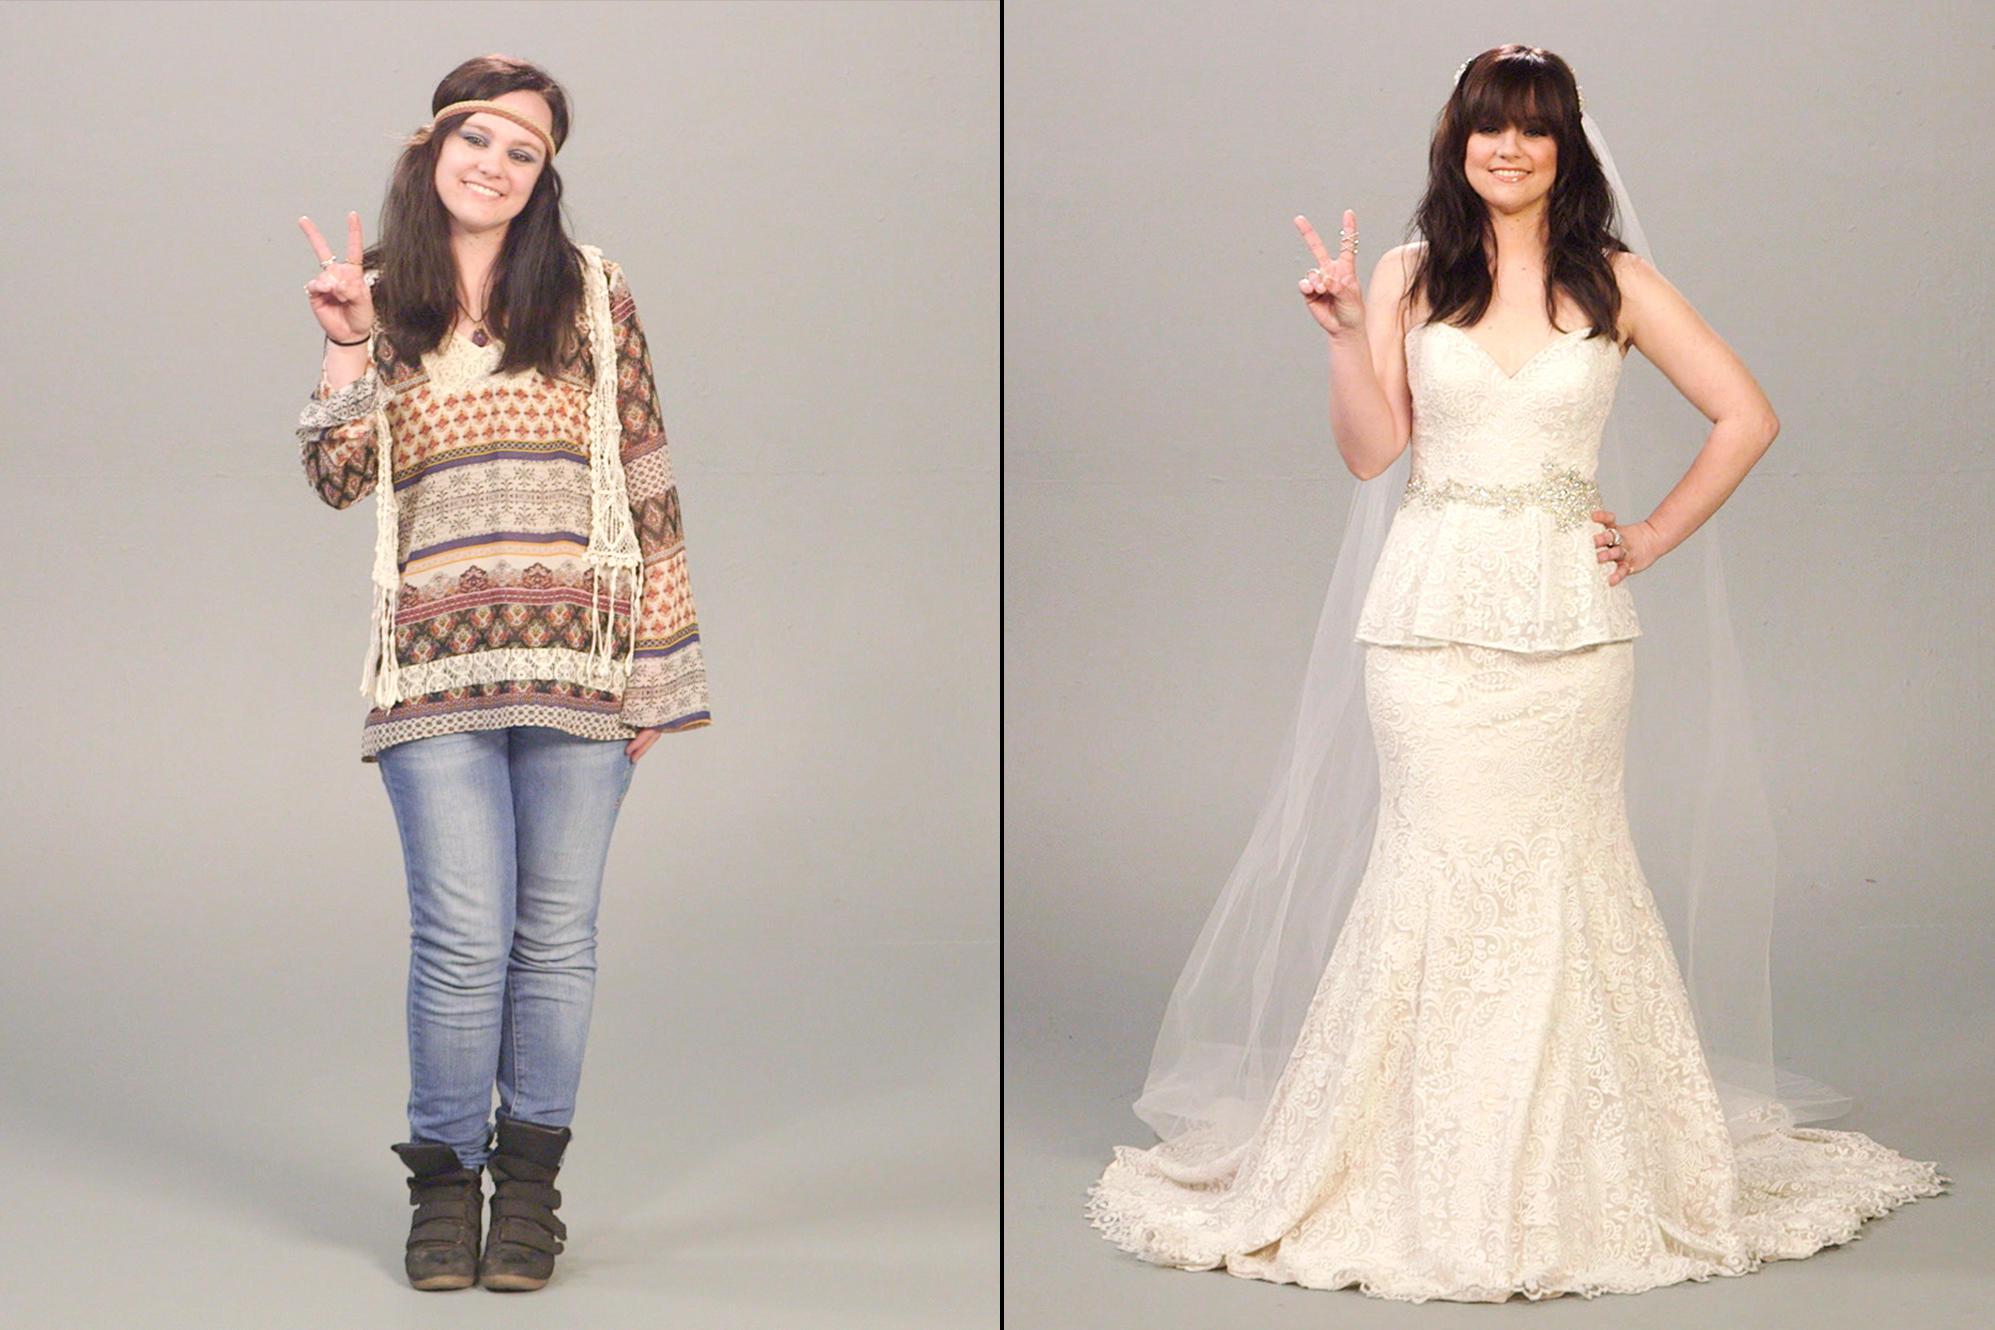 Brides Gone Styled 106 Split